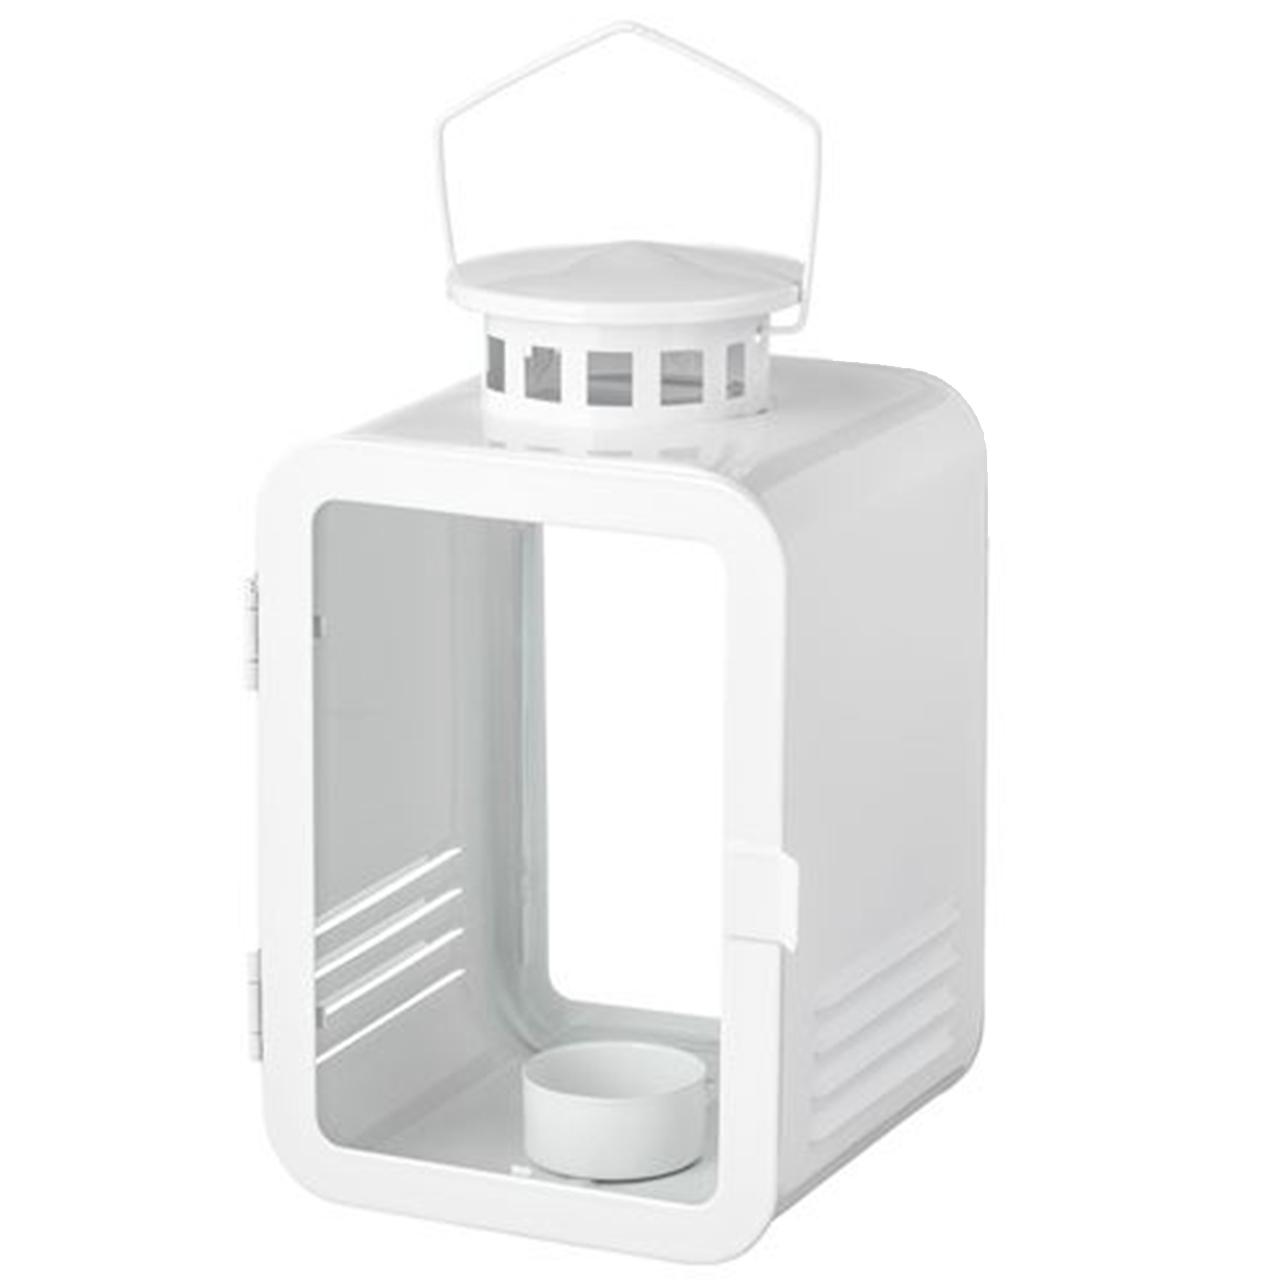 شمعدان ایکیا مدل 20398952 - Vinter 2018 white